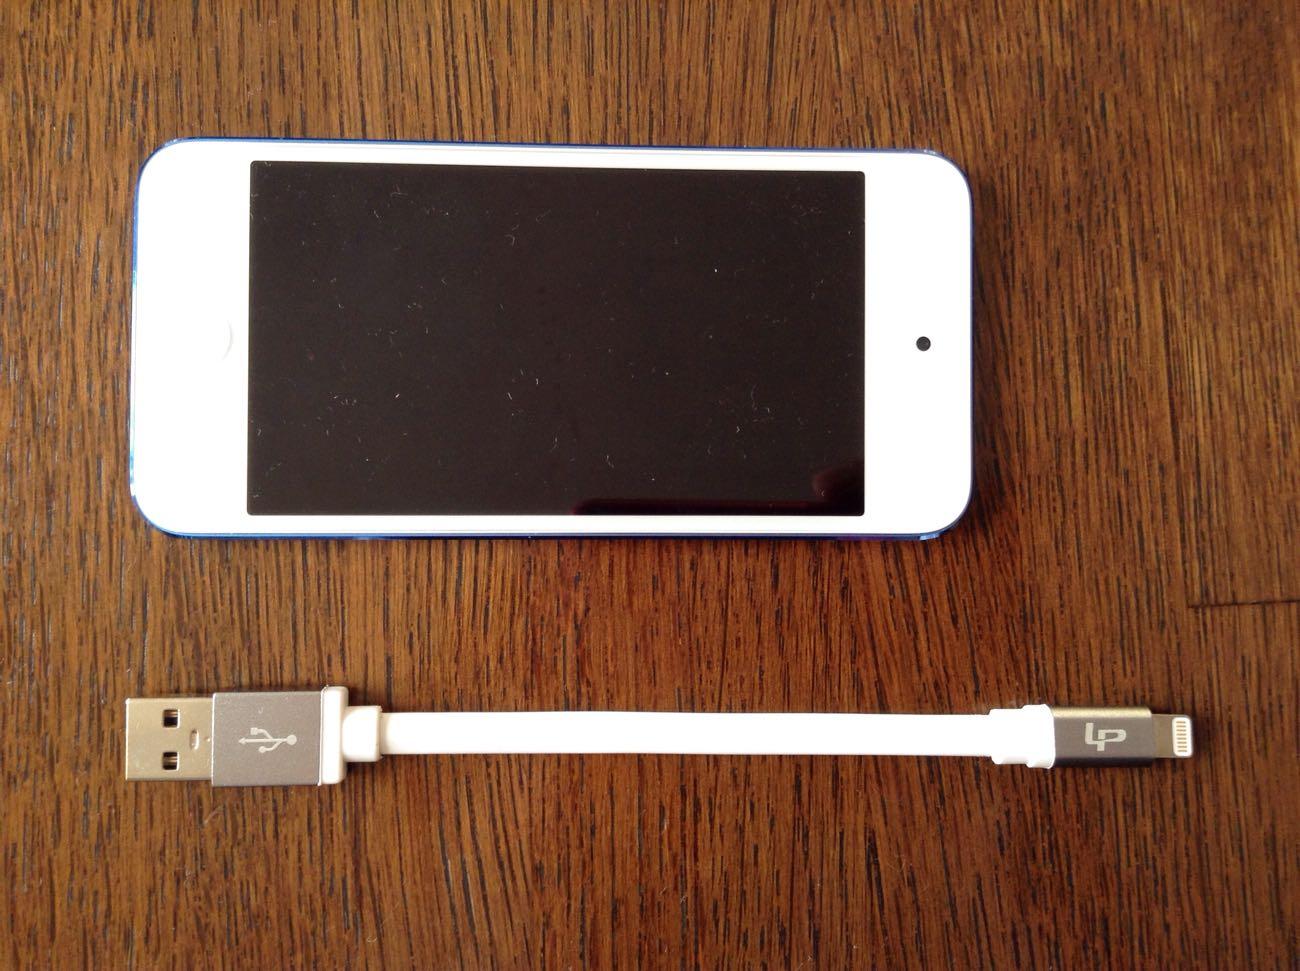 iPod touchと比べるとちょっとライトニングケーブルの方が長いです